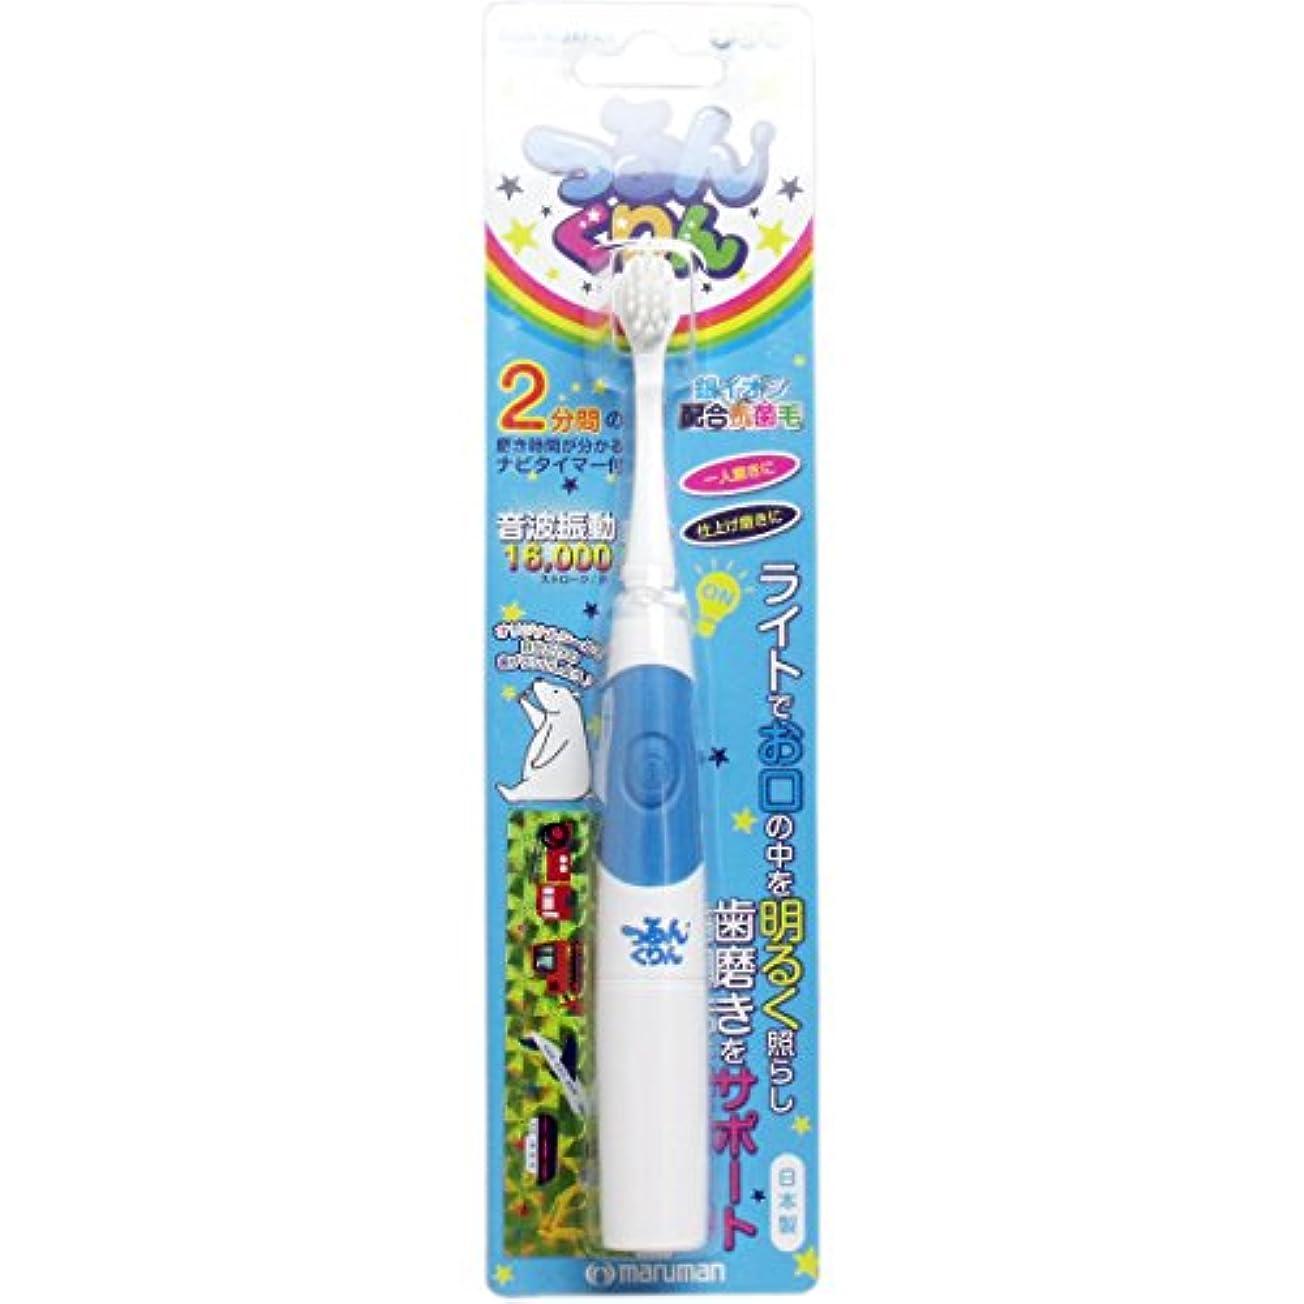 聴衆ビーム議題つるんくりん 音波振動歯ブラシ 子供用 ブルー JS002BL